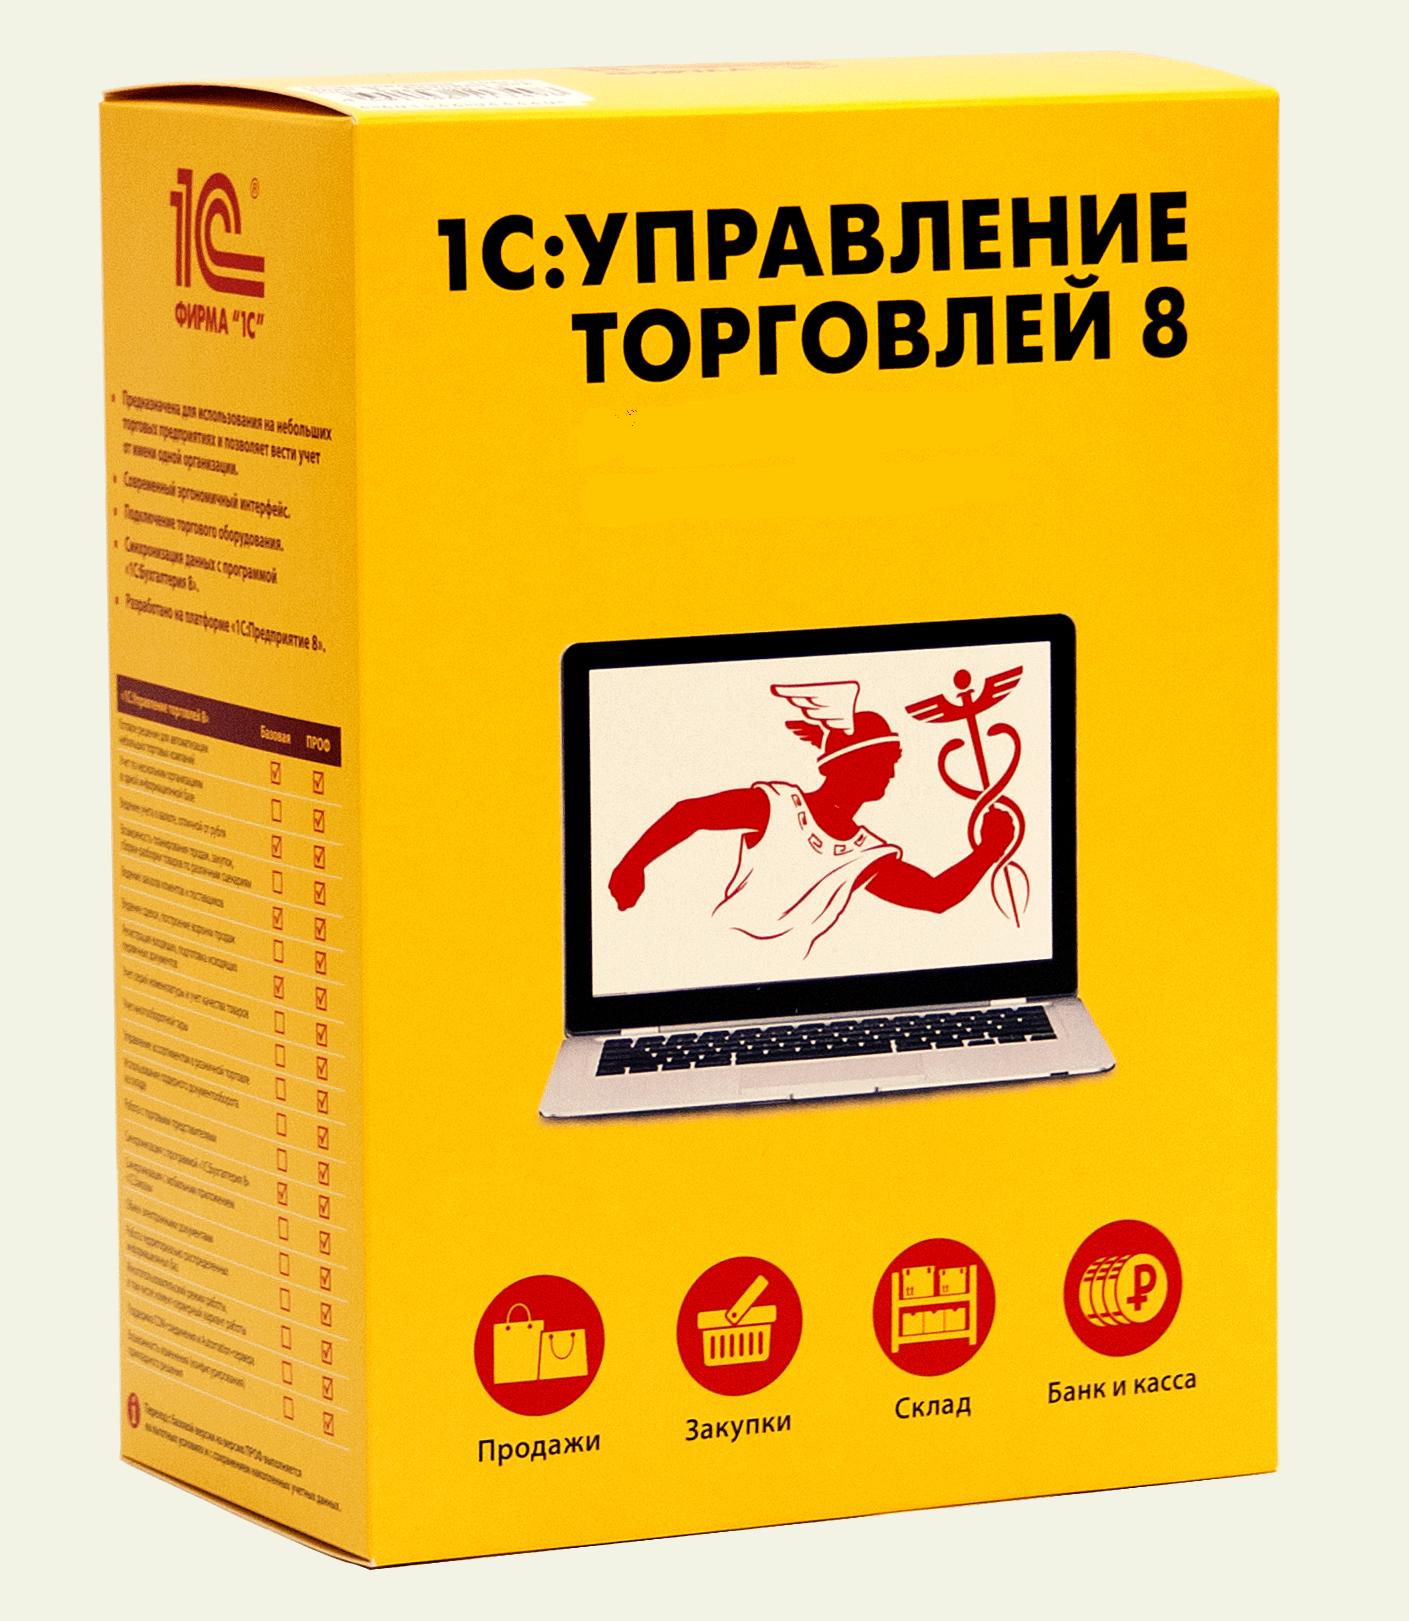 1С:Управление торговлей 8. Базовая версия